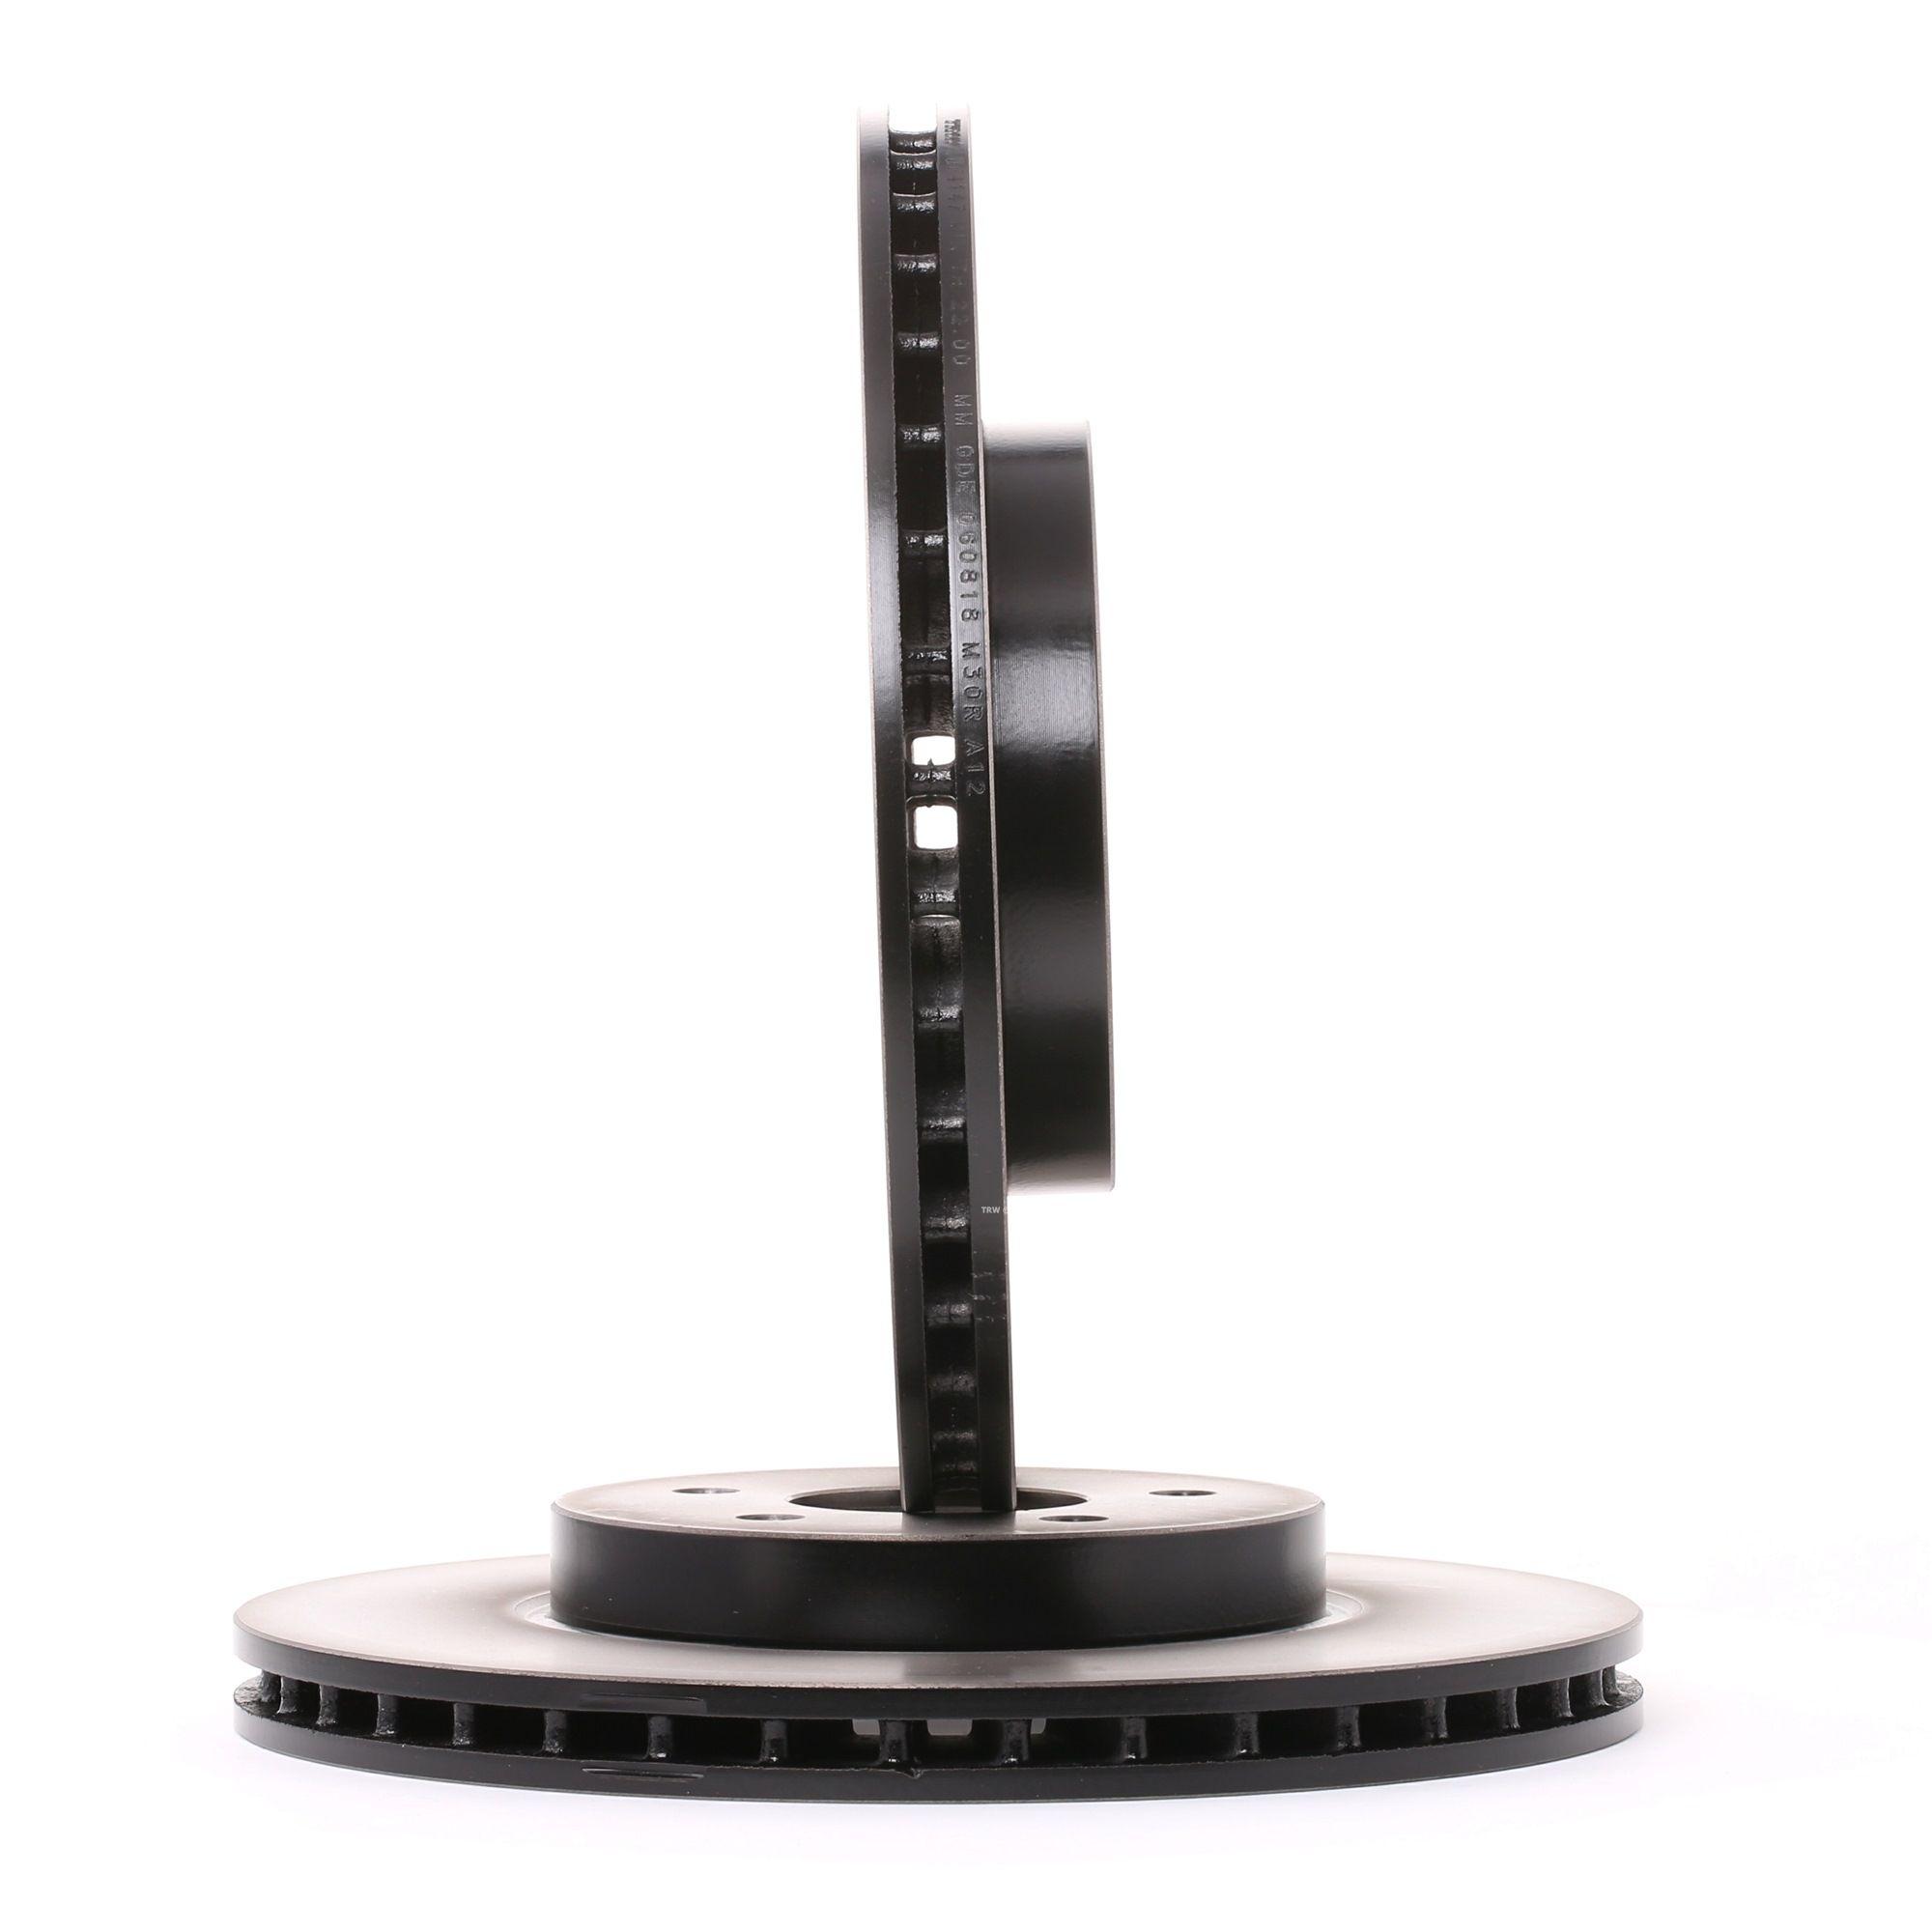 Origine Freinage TRW DF4147 (Ø: 300mm, Nbre de trous: 5, Épaisseur du disque de frein: 24mm)